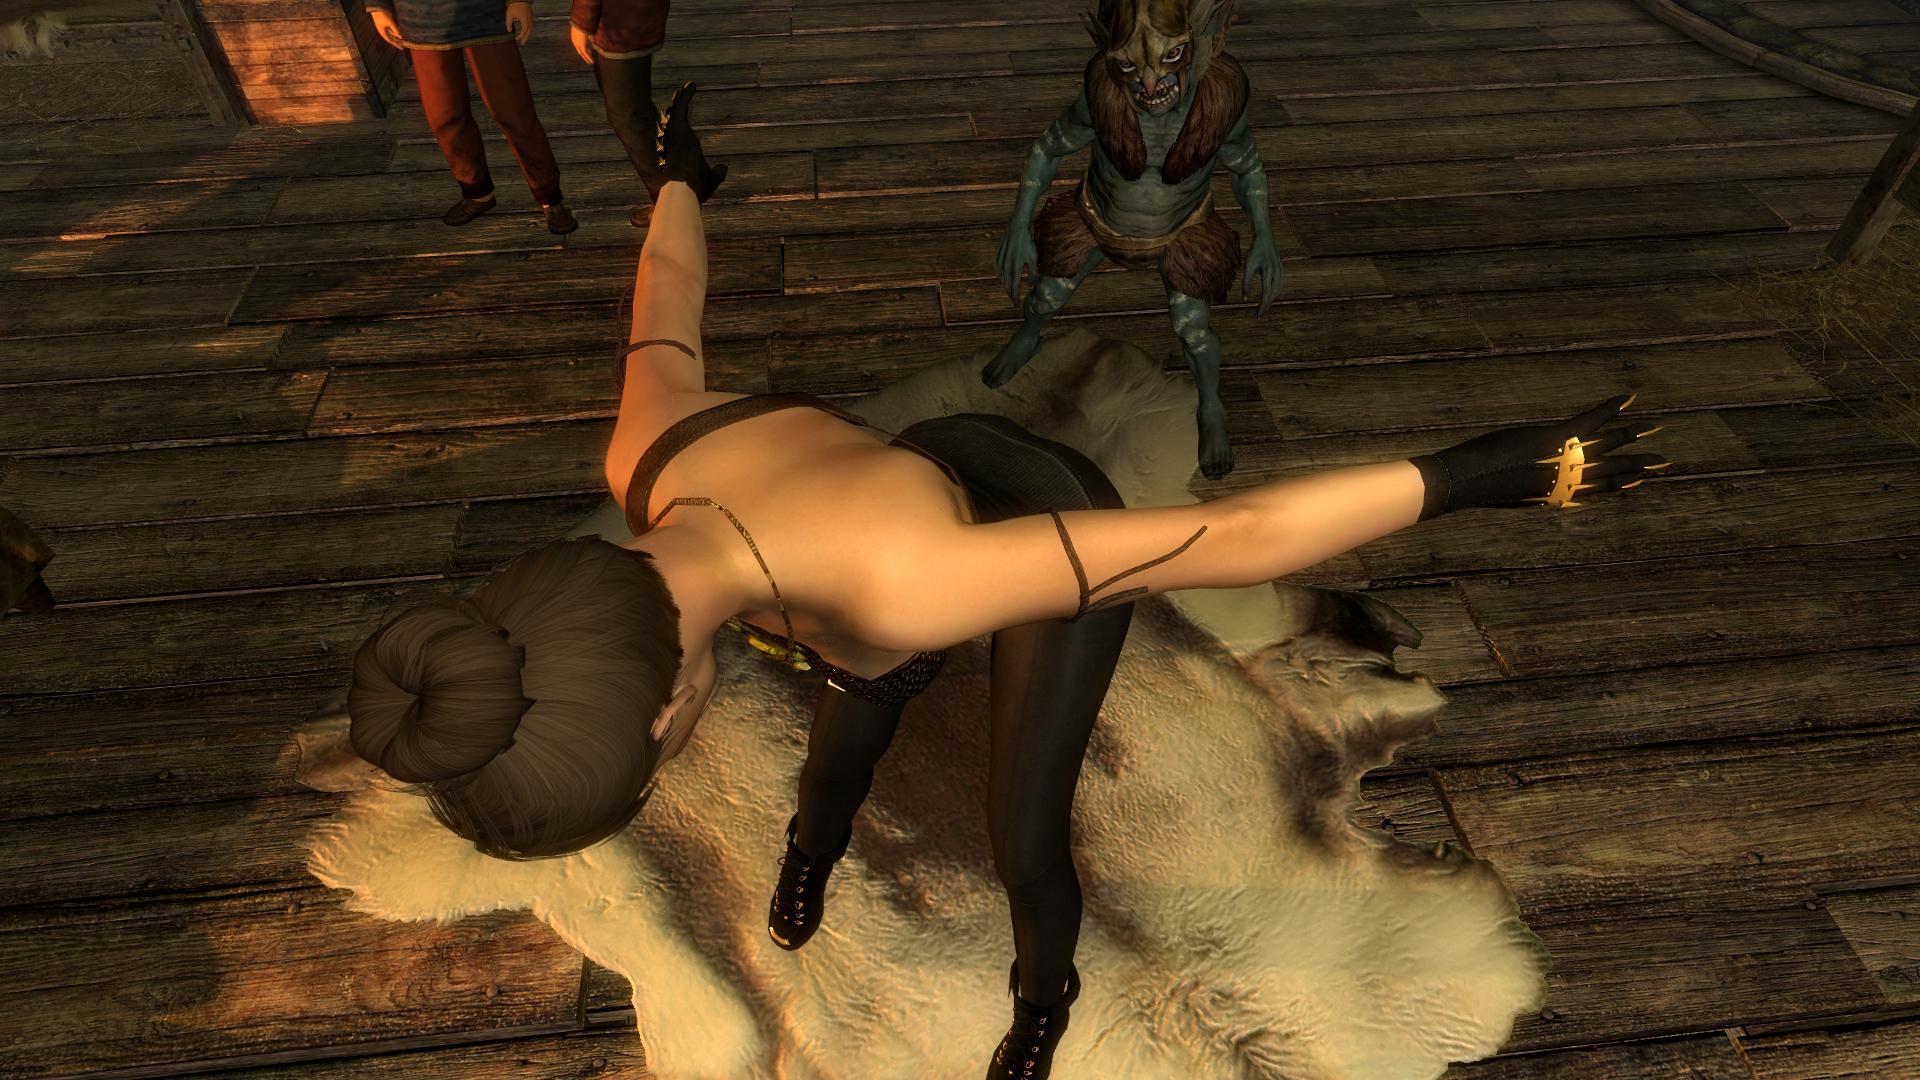 TESV_original 2018-06-26 13-07-50-39.jpg - Elder Scrolls 5: Skyrim, the